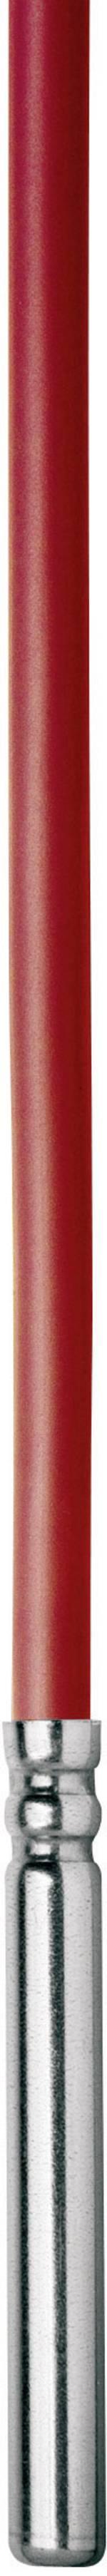 Capteur de température Jumo 00389771 Type de sonde Pt100 Gamme de mesure -50 à 180 °C Longueur du câble 2.5 m 1 pc(s)